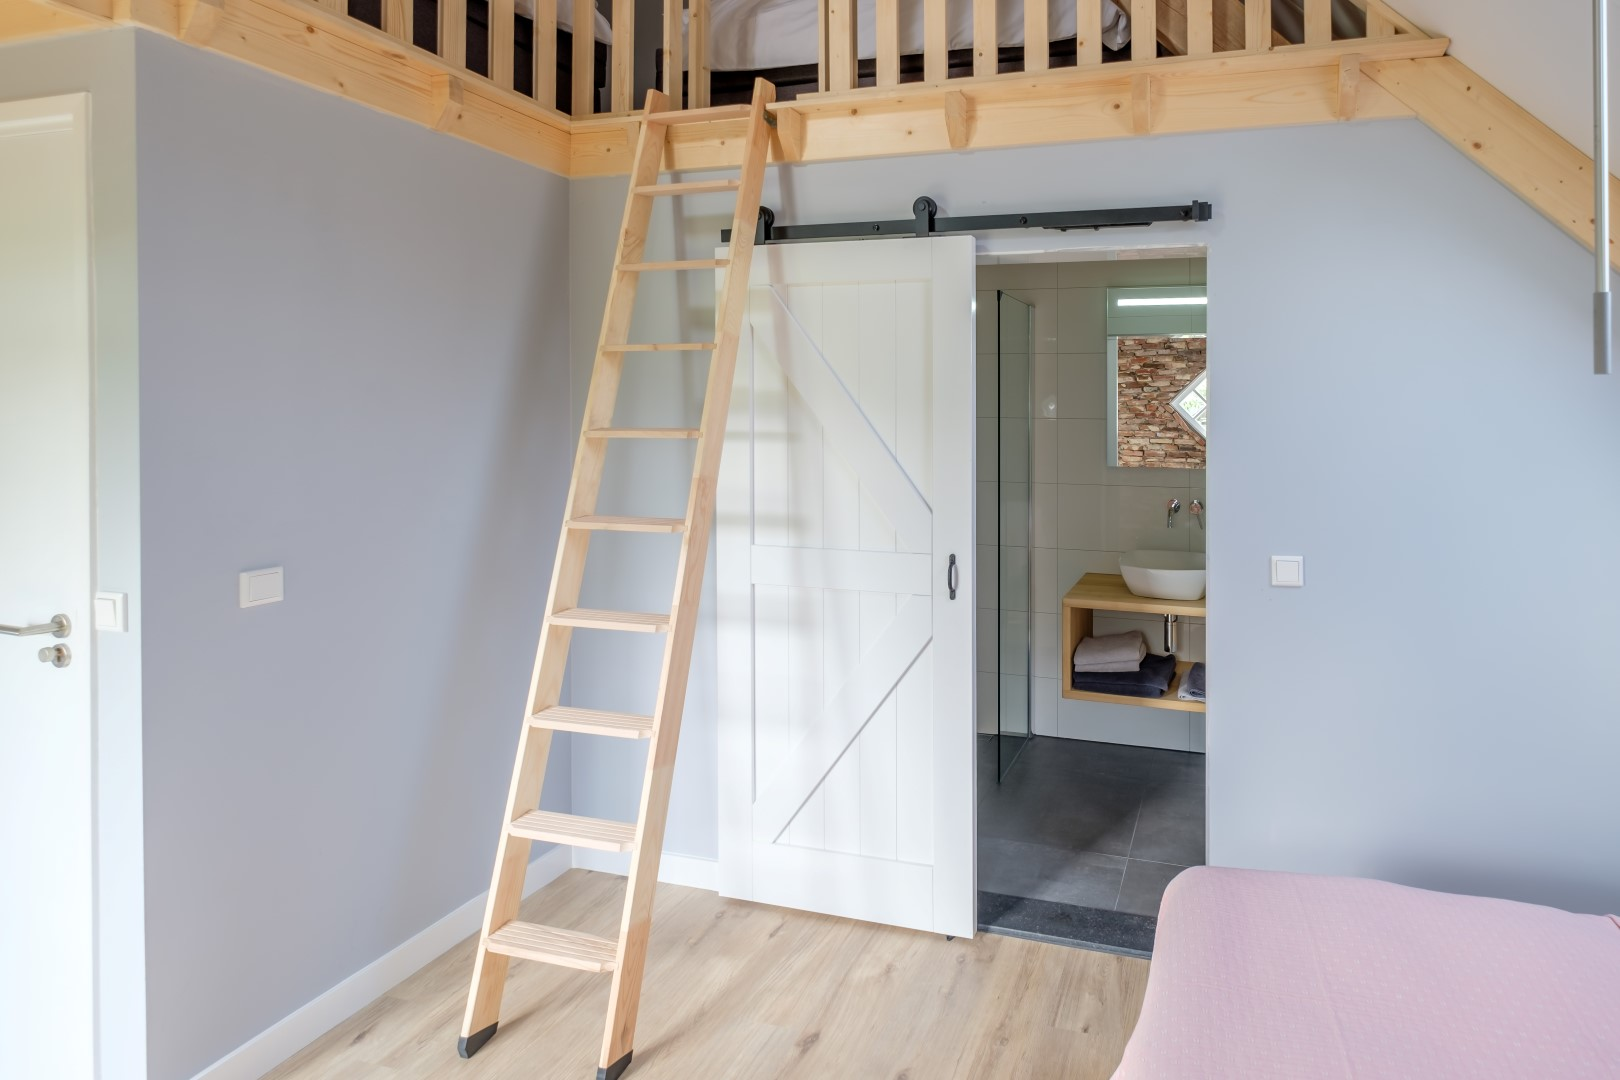 Kamer 2 bed breakfast erve ten dam ambt delden - Kamer heeft een mager ...